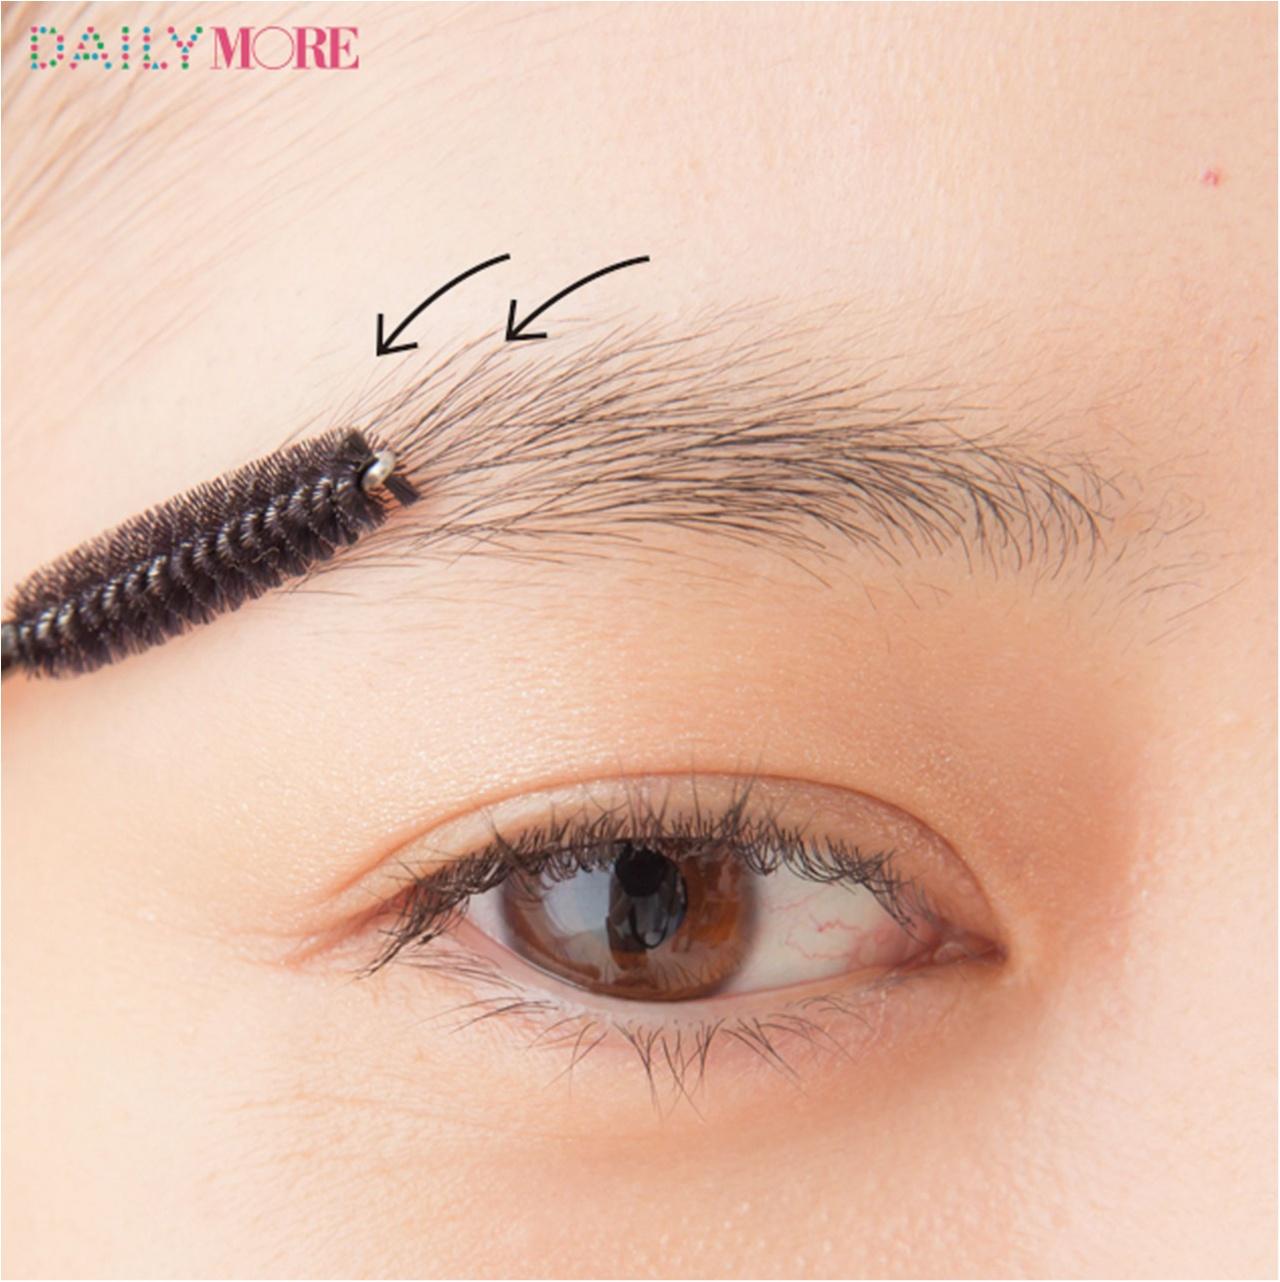 平行眉メイク特集 - 眉毛の形の整え方、描き方のポイントまとめ_39